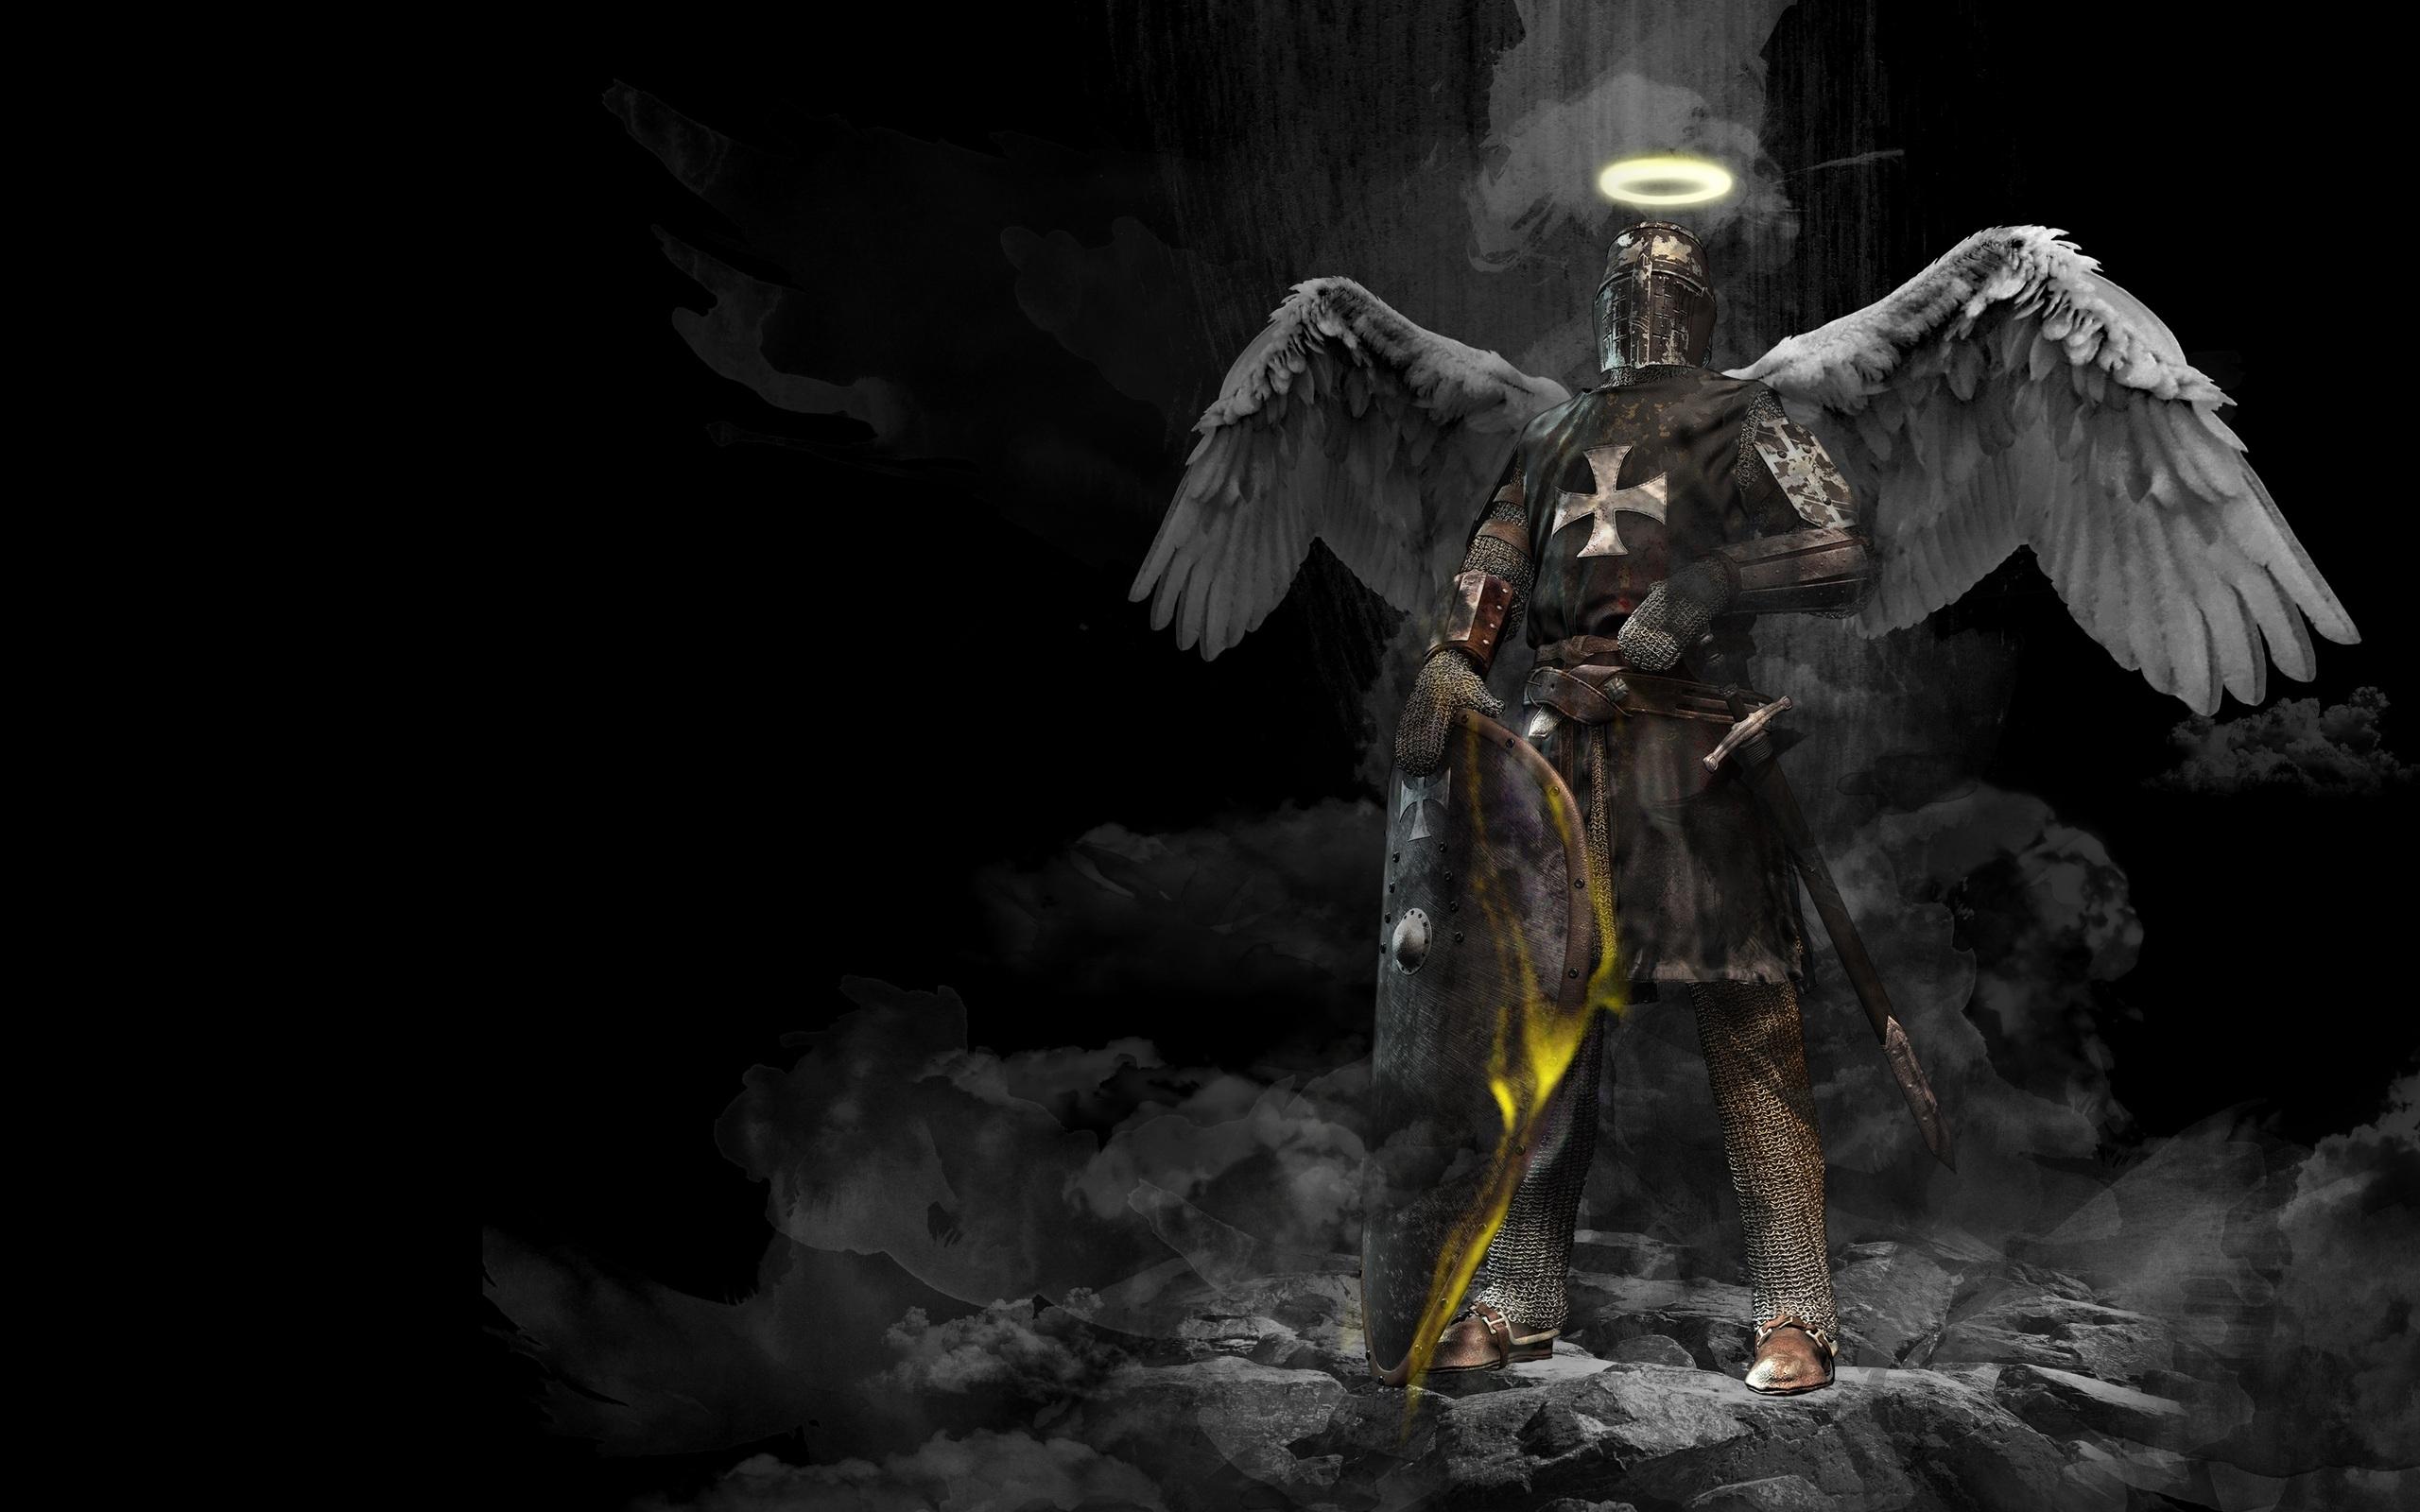 angel-fantasy-knight-8b.jpg